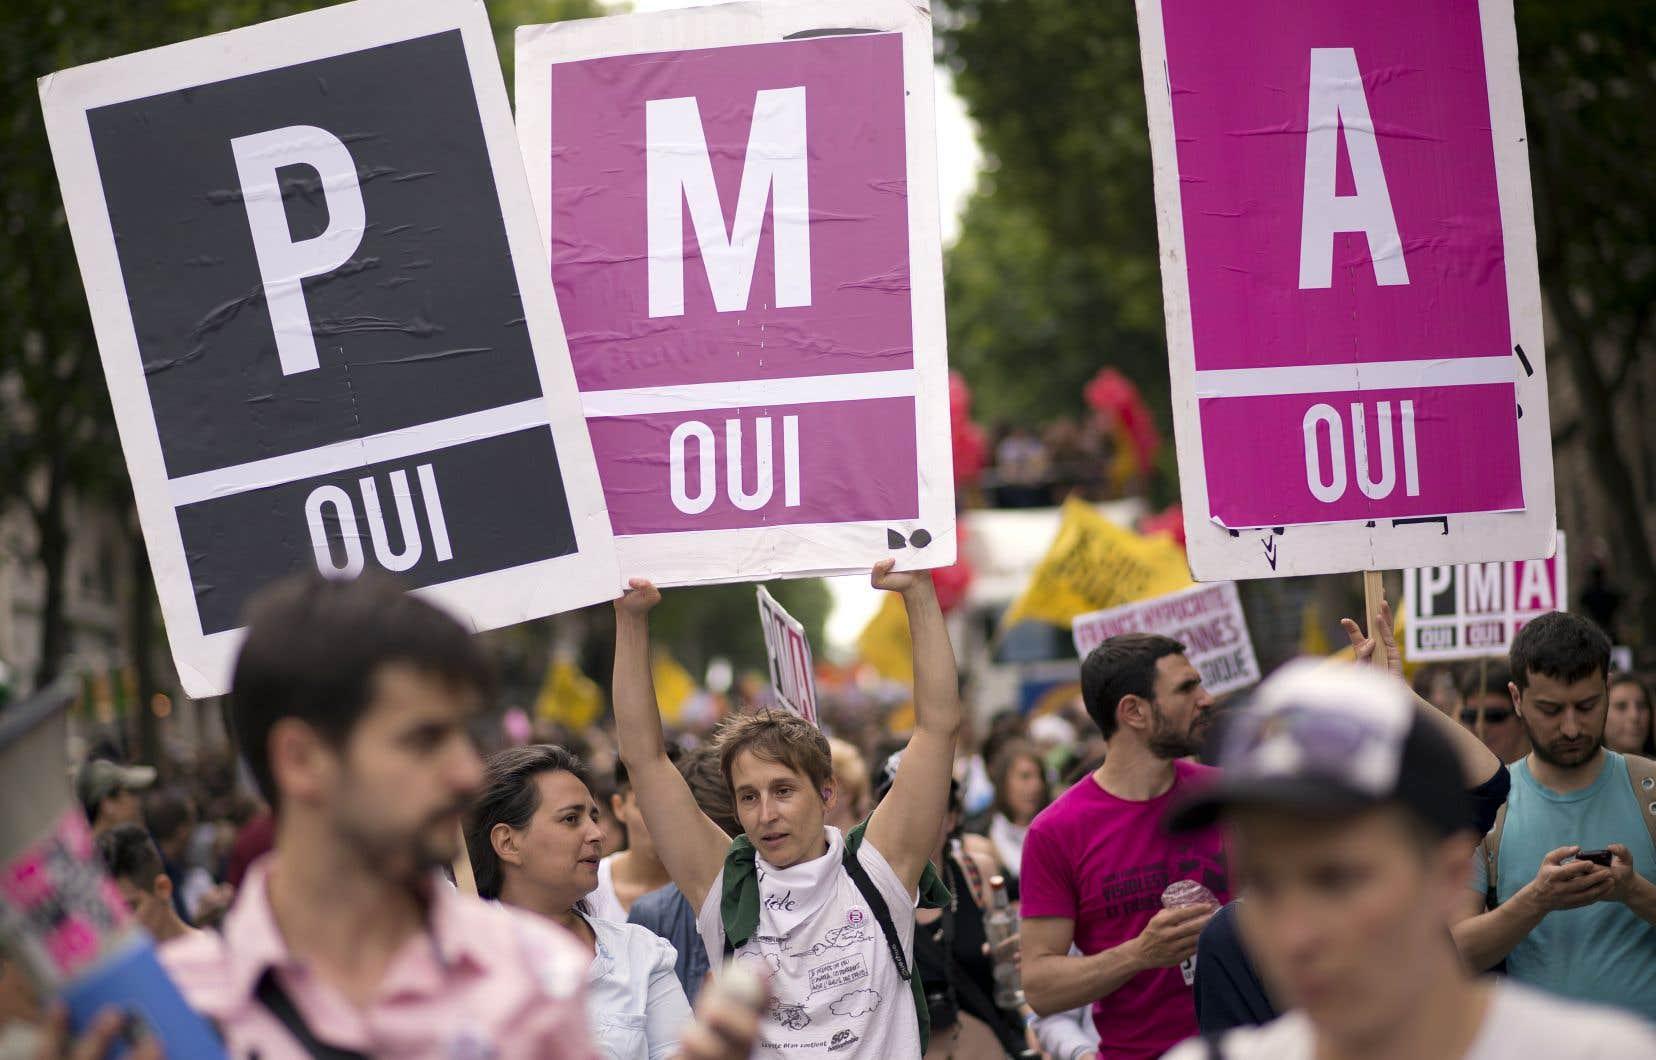 Chose certaine, en six ans, l'opinion publique française a changé. Alors qu'en 2013 une majorité de Français s'exprimaient pour le mariage homosexuel, mais contre l'adoption par les couples homosexuels, cette fois, 65% des répondants se disent pour l'ouverture de la PMA.